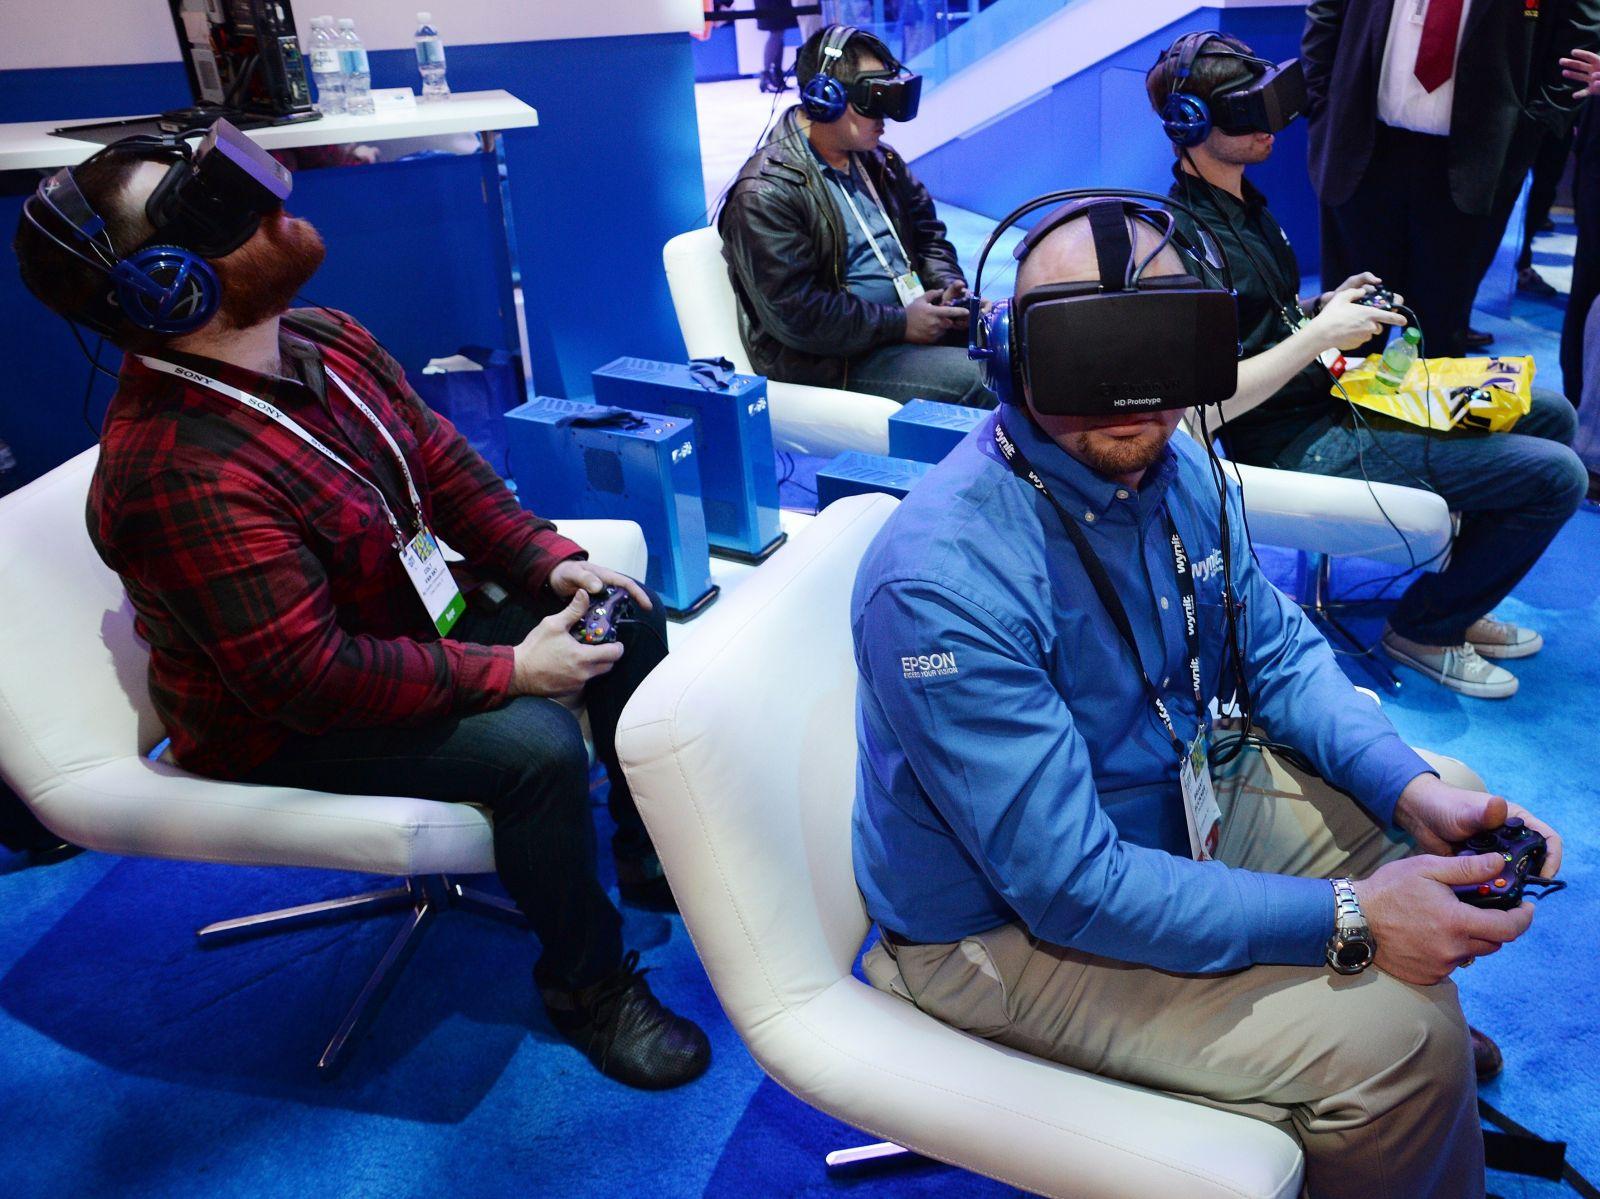 Очки виртуальной реальности бизнес купить xiaomi по себестоимости в сочи